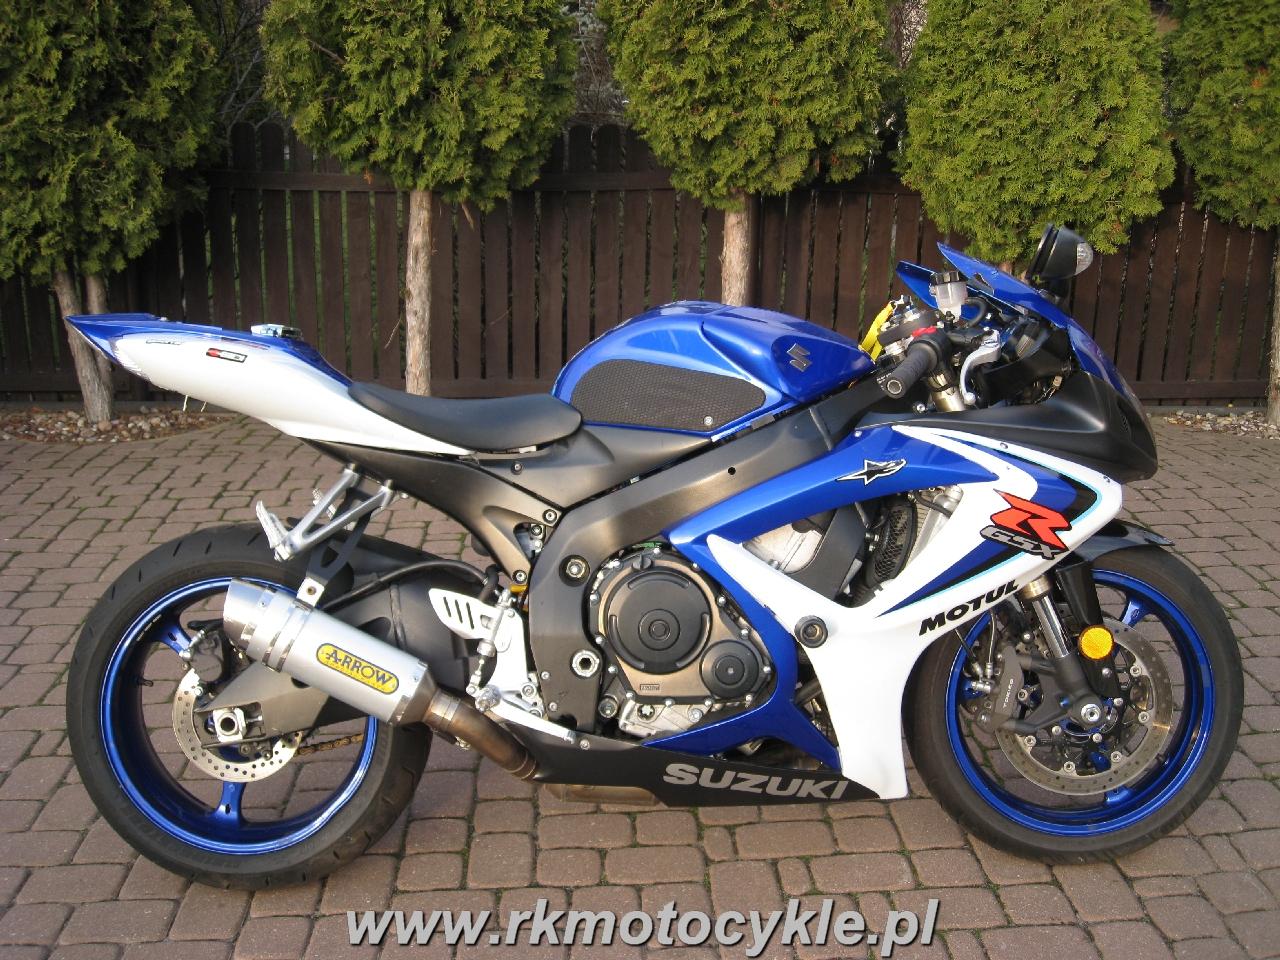 Rk Motocykle Suzuki Gsxr 600 K6 K7 Gsxr600 Gsx R600